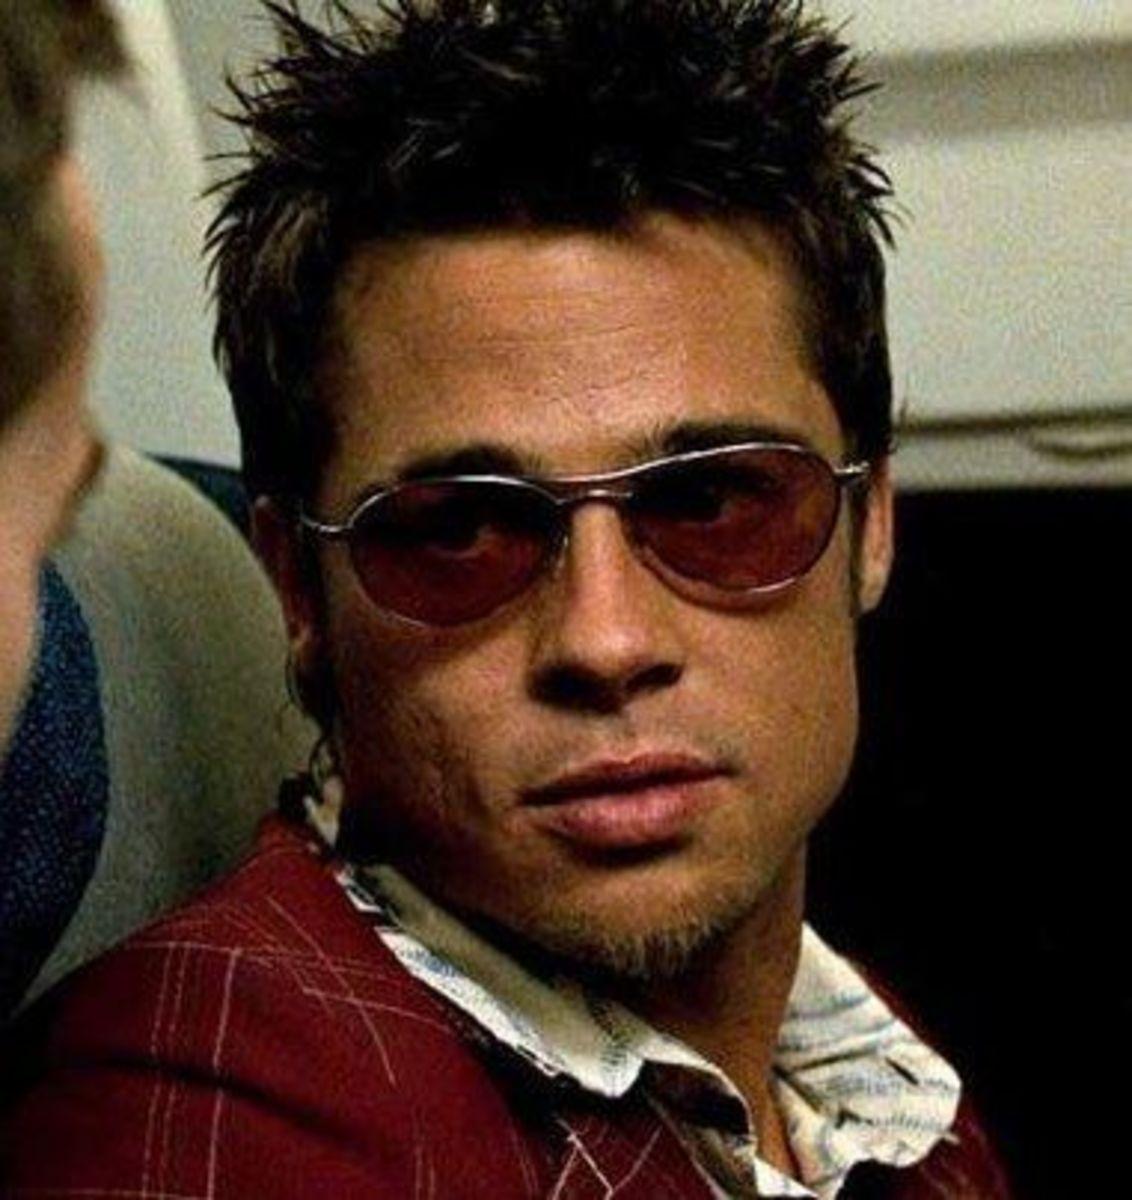 Tyler Durden (Brad Pitt), Fight Club (1999)